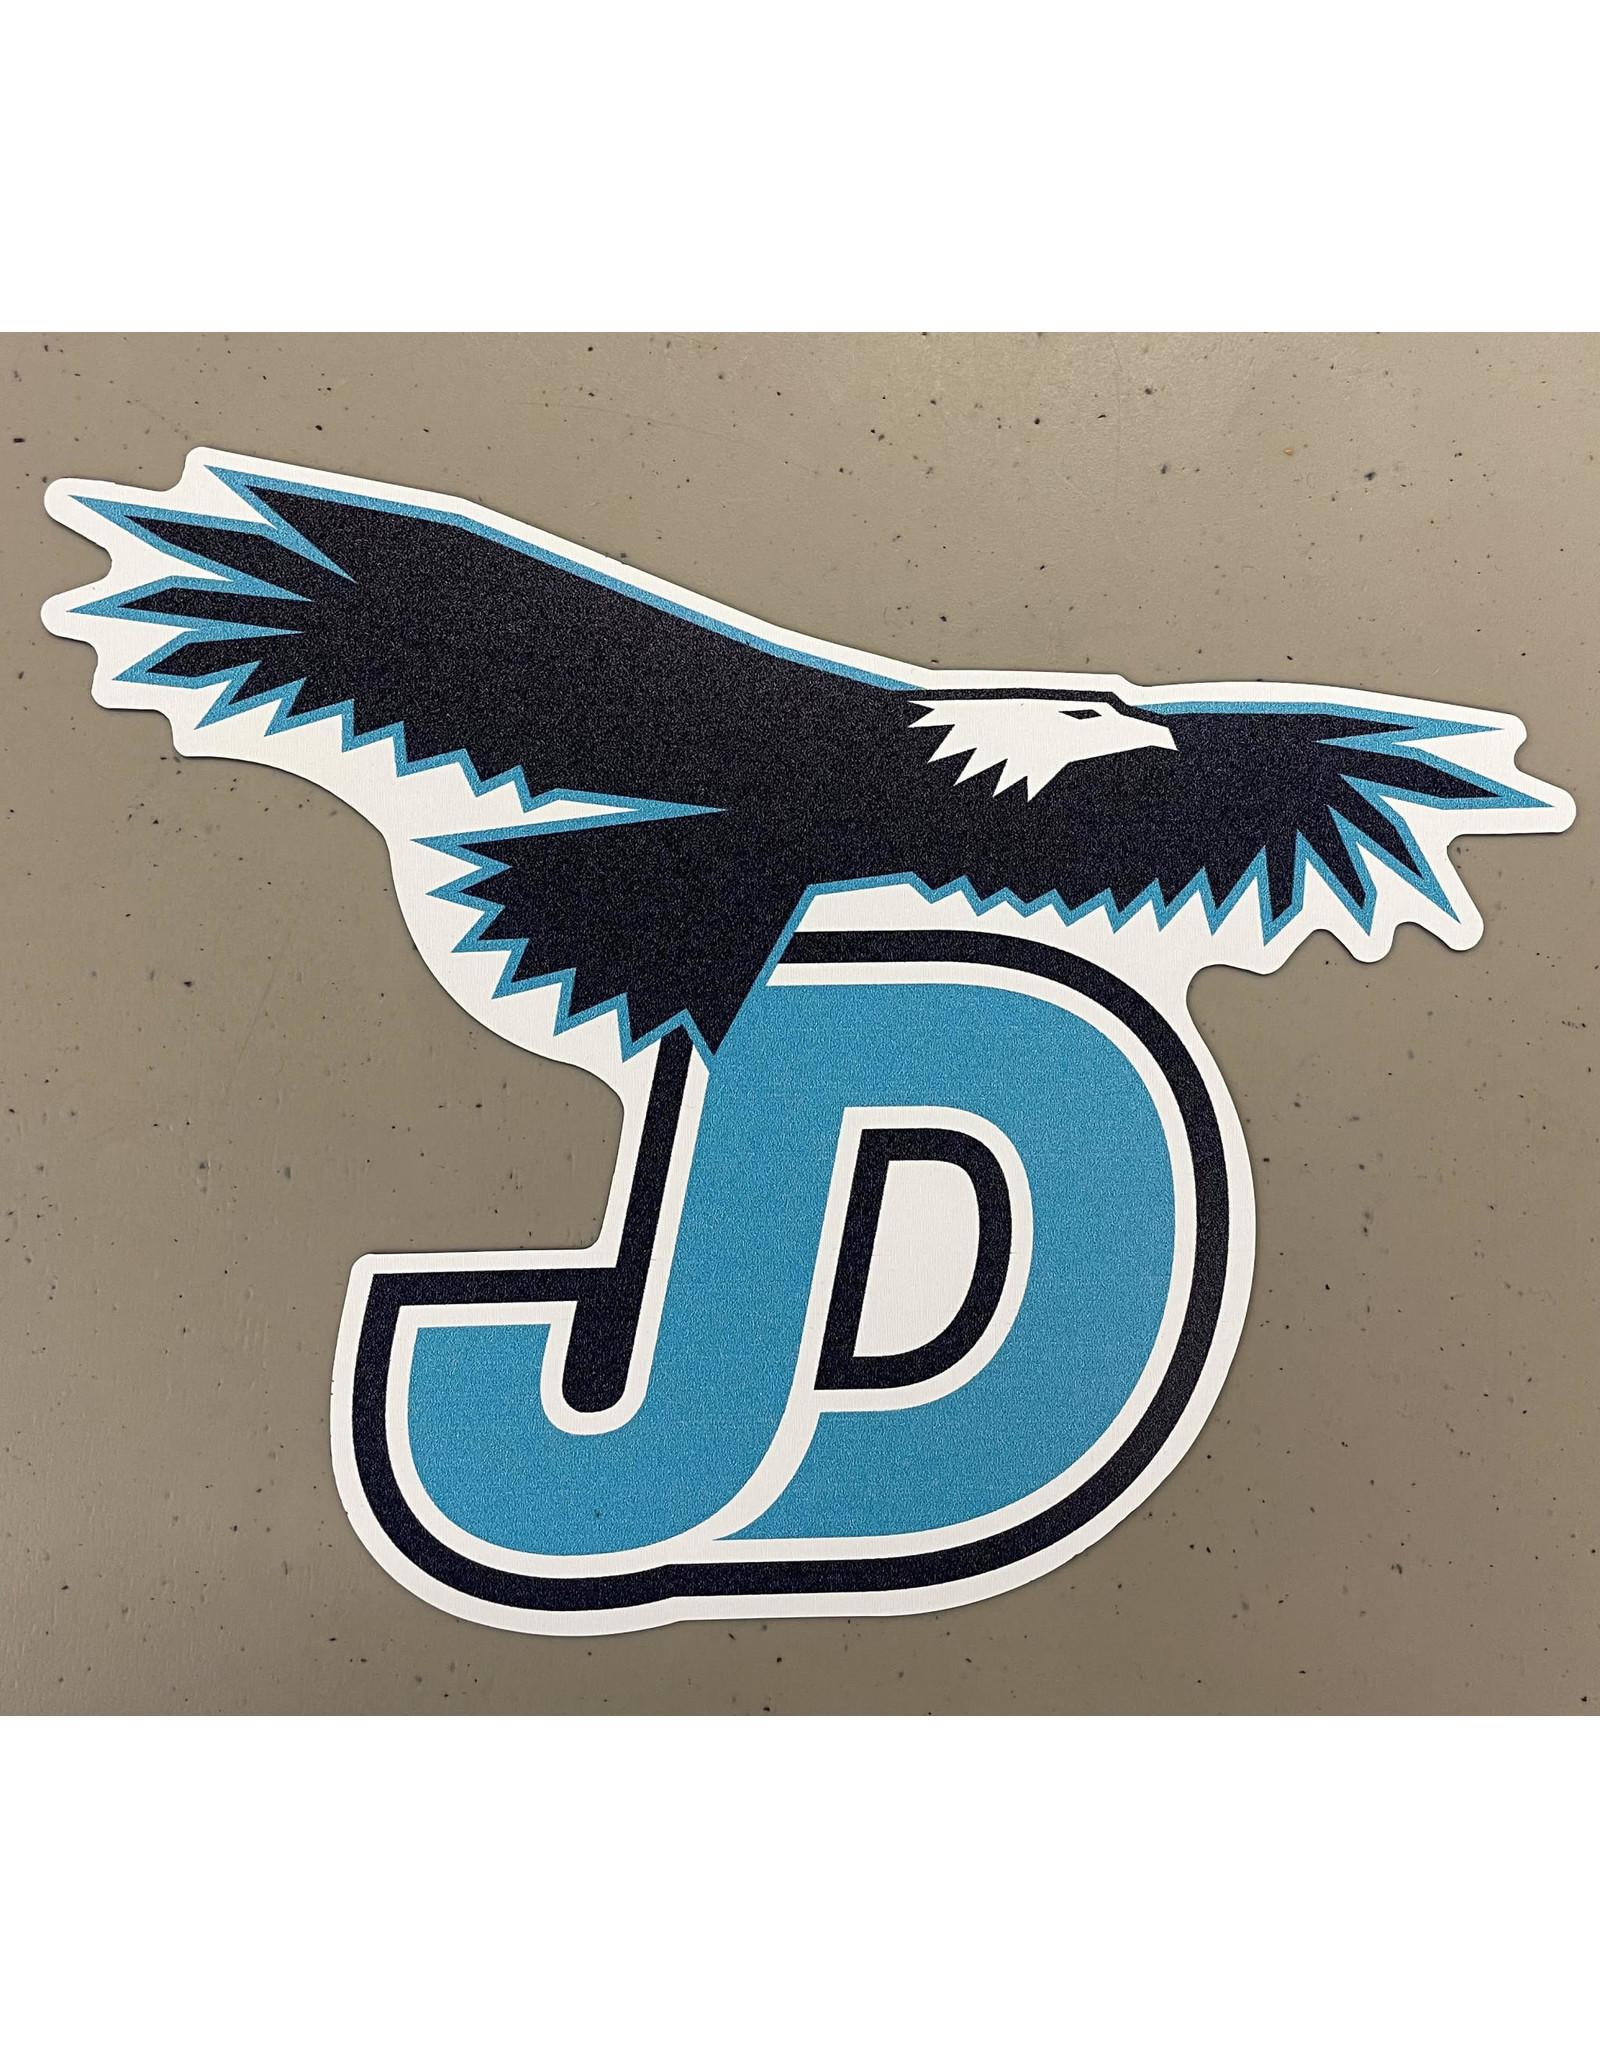 NON-UNIFORM JD Eagle Auto/Outdoor Magnet-Large